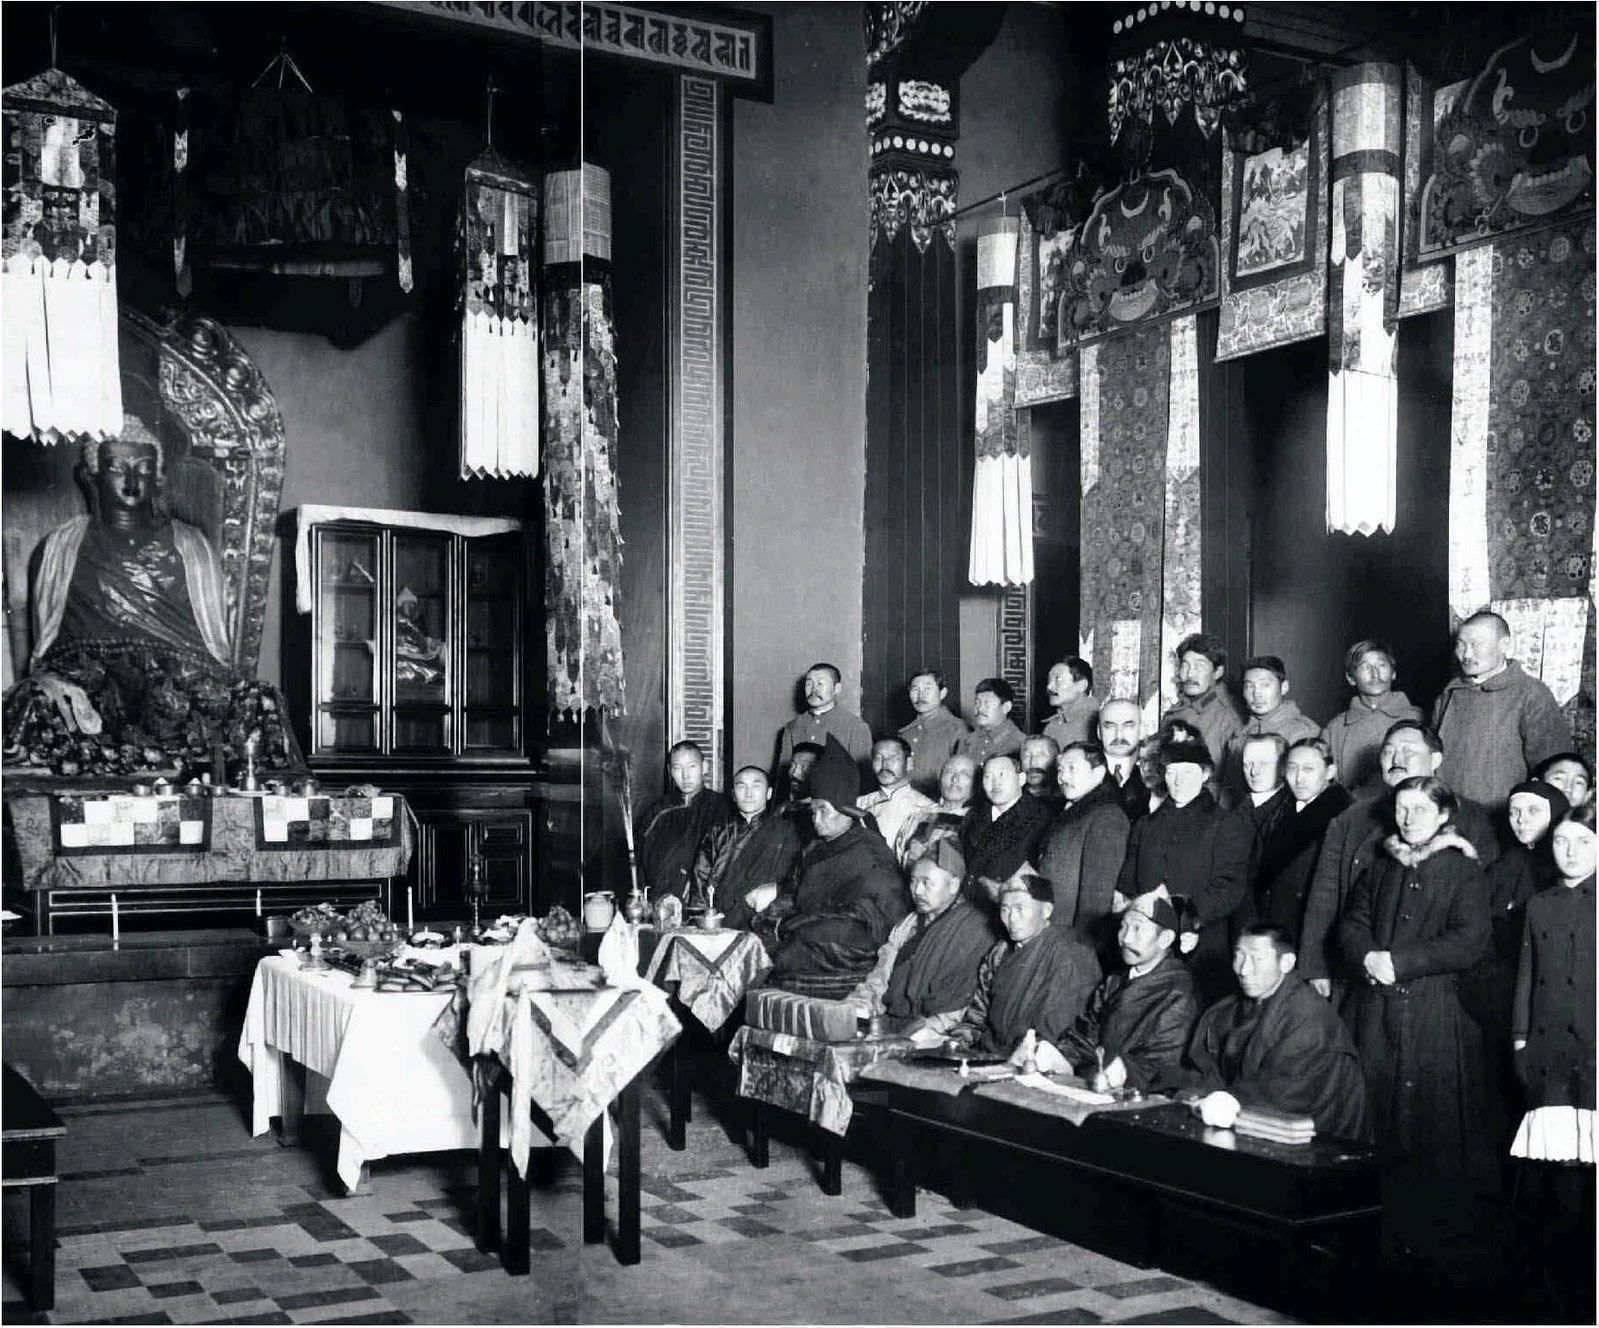 1914. Молебен в буддистком храме Петрограда